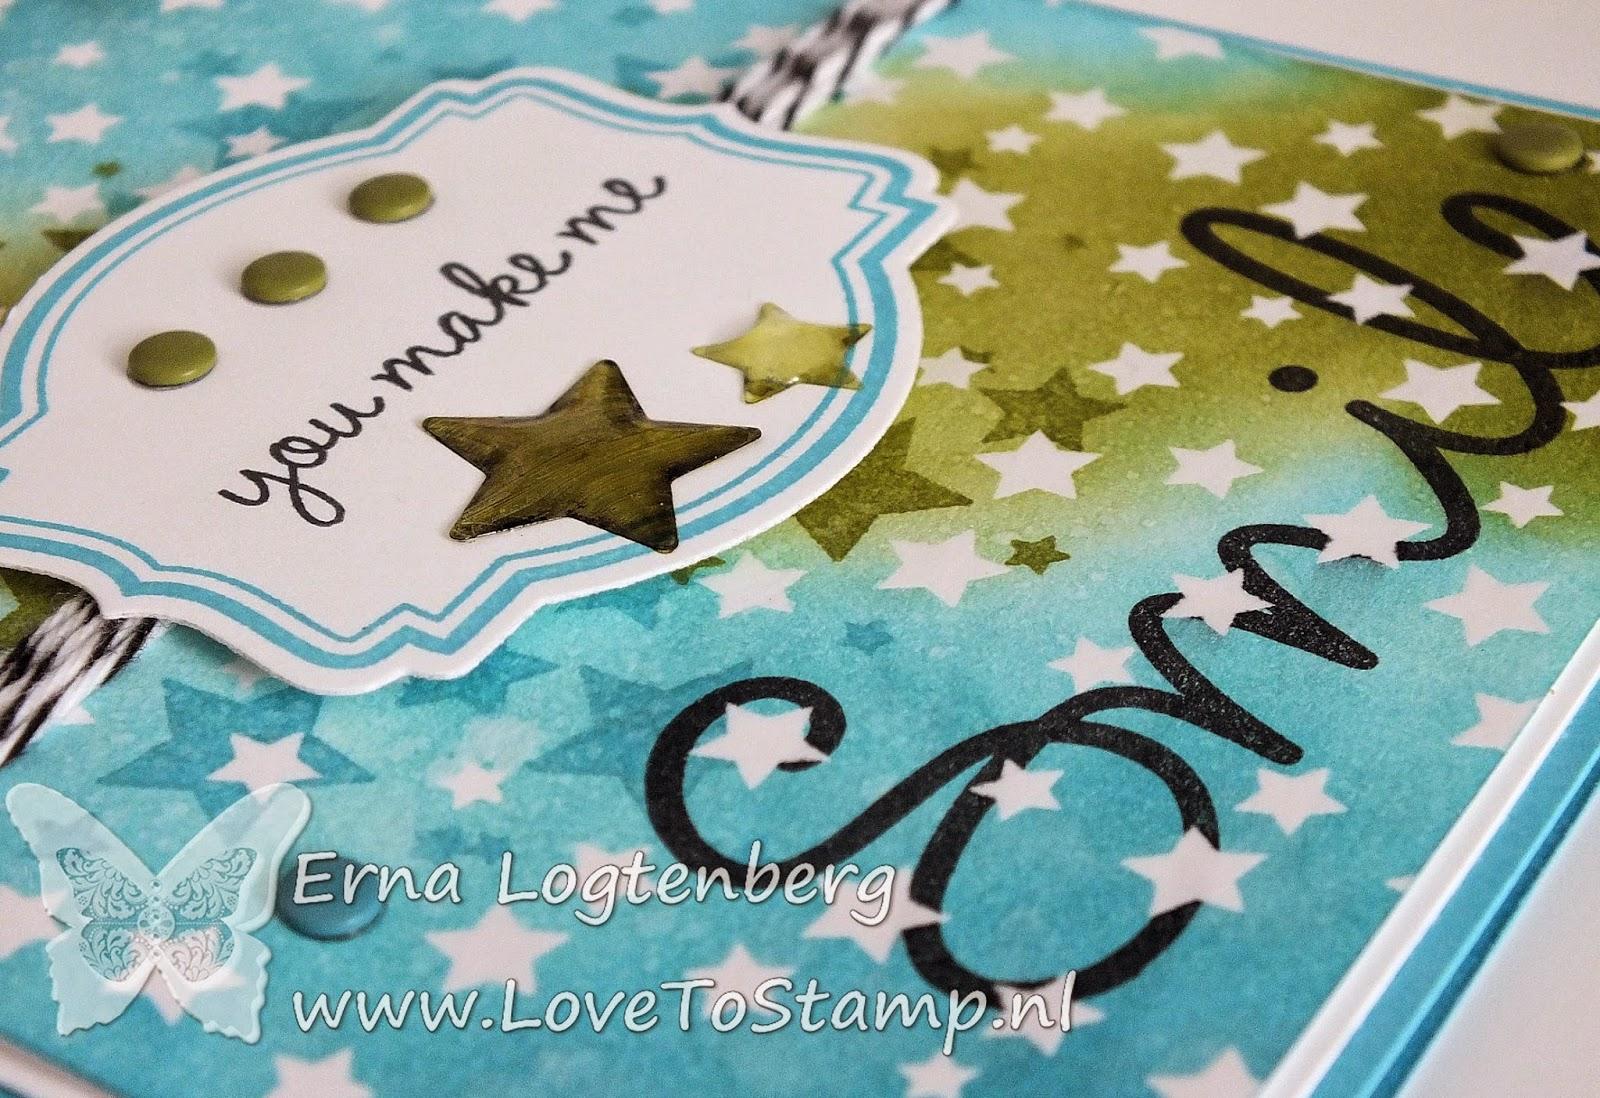 Stampin'Up! stampinup 'so you' lovetostamp erna logtenberg